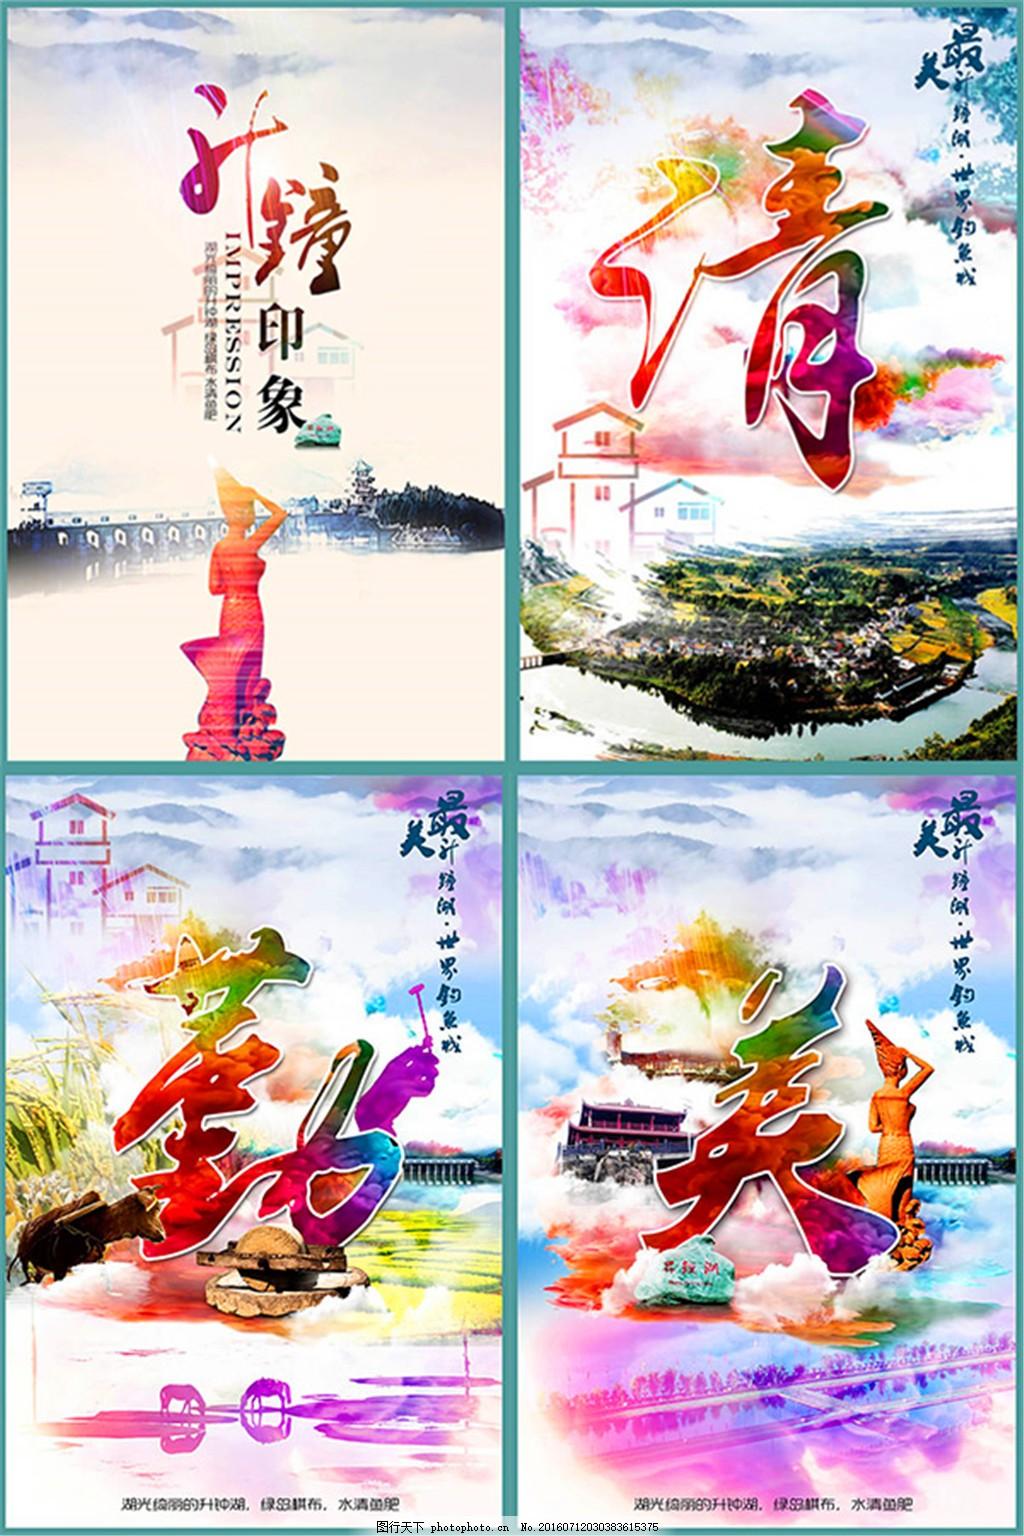 声钟湖旅游海报 美字 风景区海报 风景区宣传海报 城市印象海报